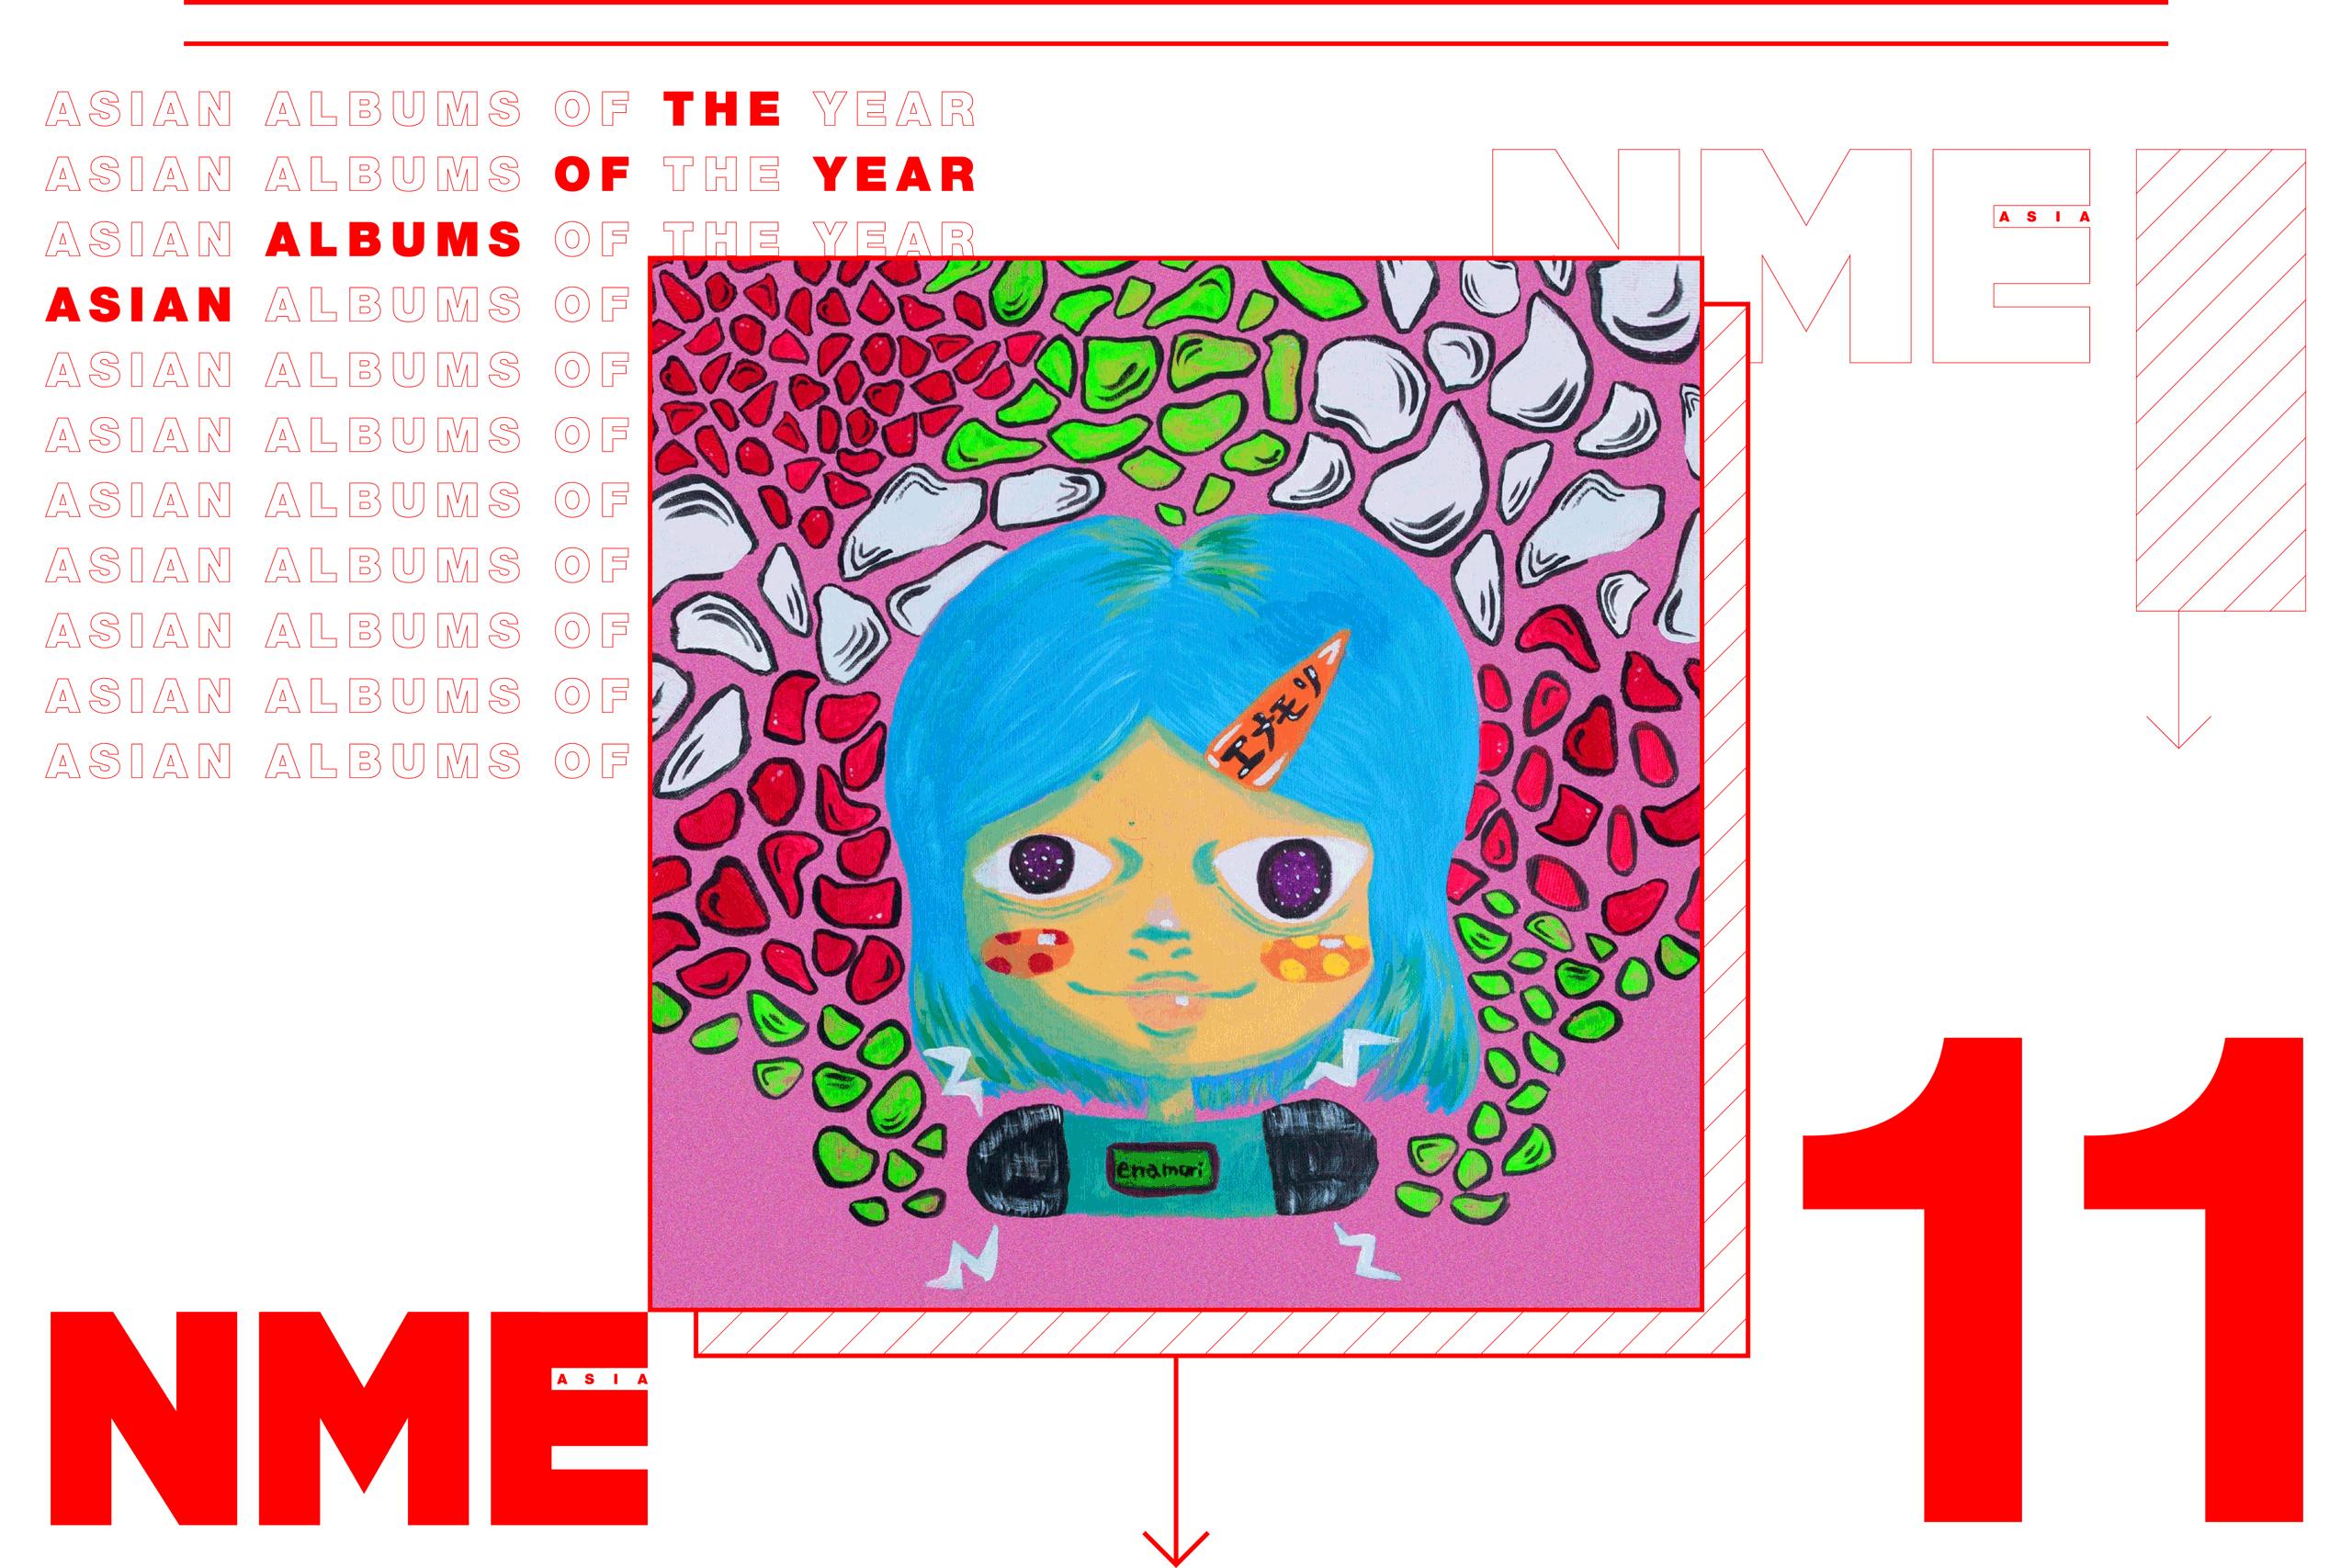 nme asia albums of the year 2020 ena mori